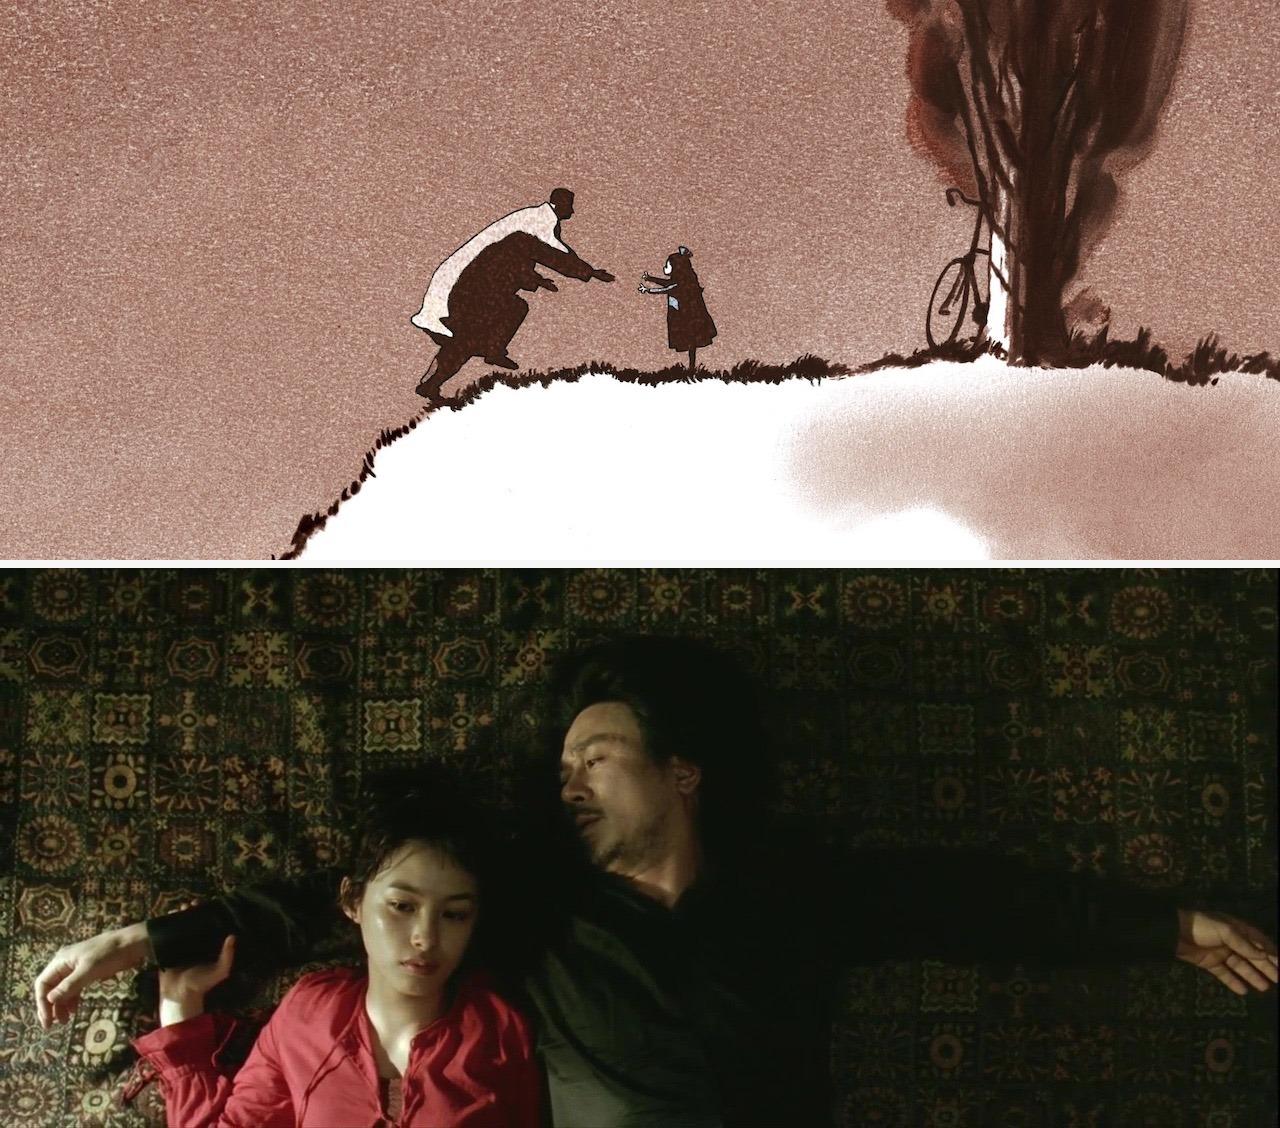 Father and Daughter, Michael Dudok de Wit, 2000 và Oldboy, Park Chan-wook, 2003 Hai bộ phim đáng xem về tình cha con.